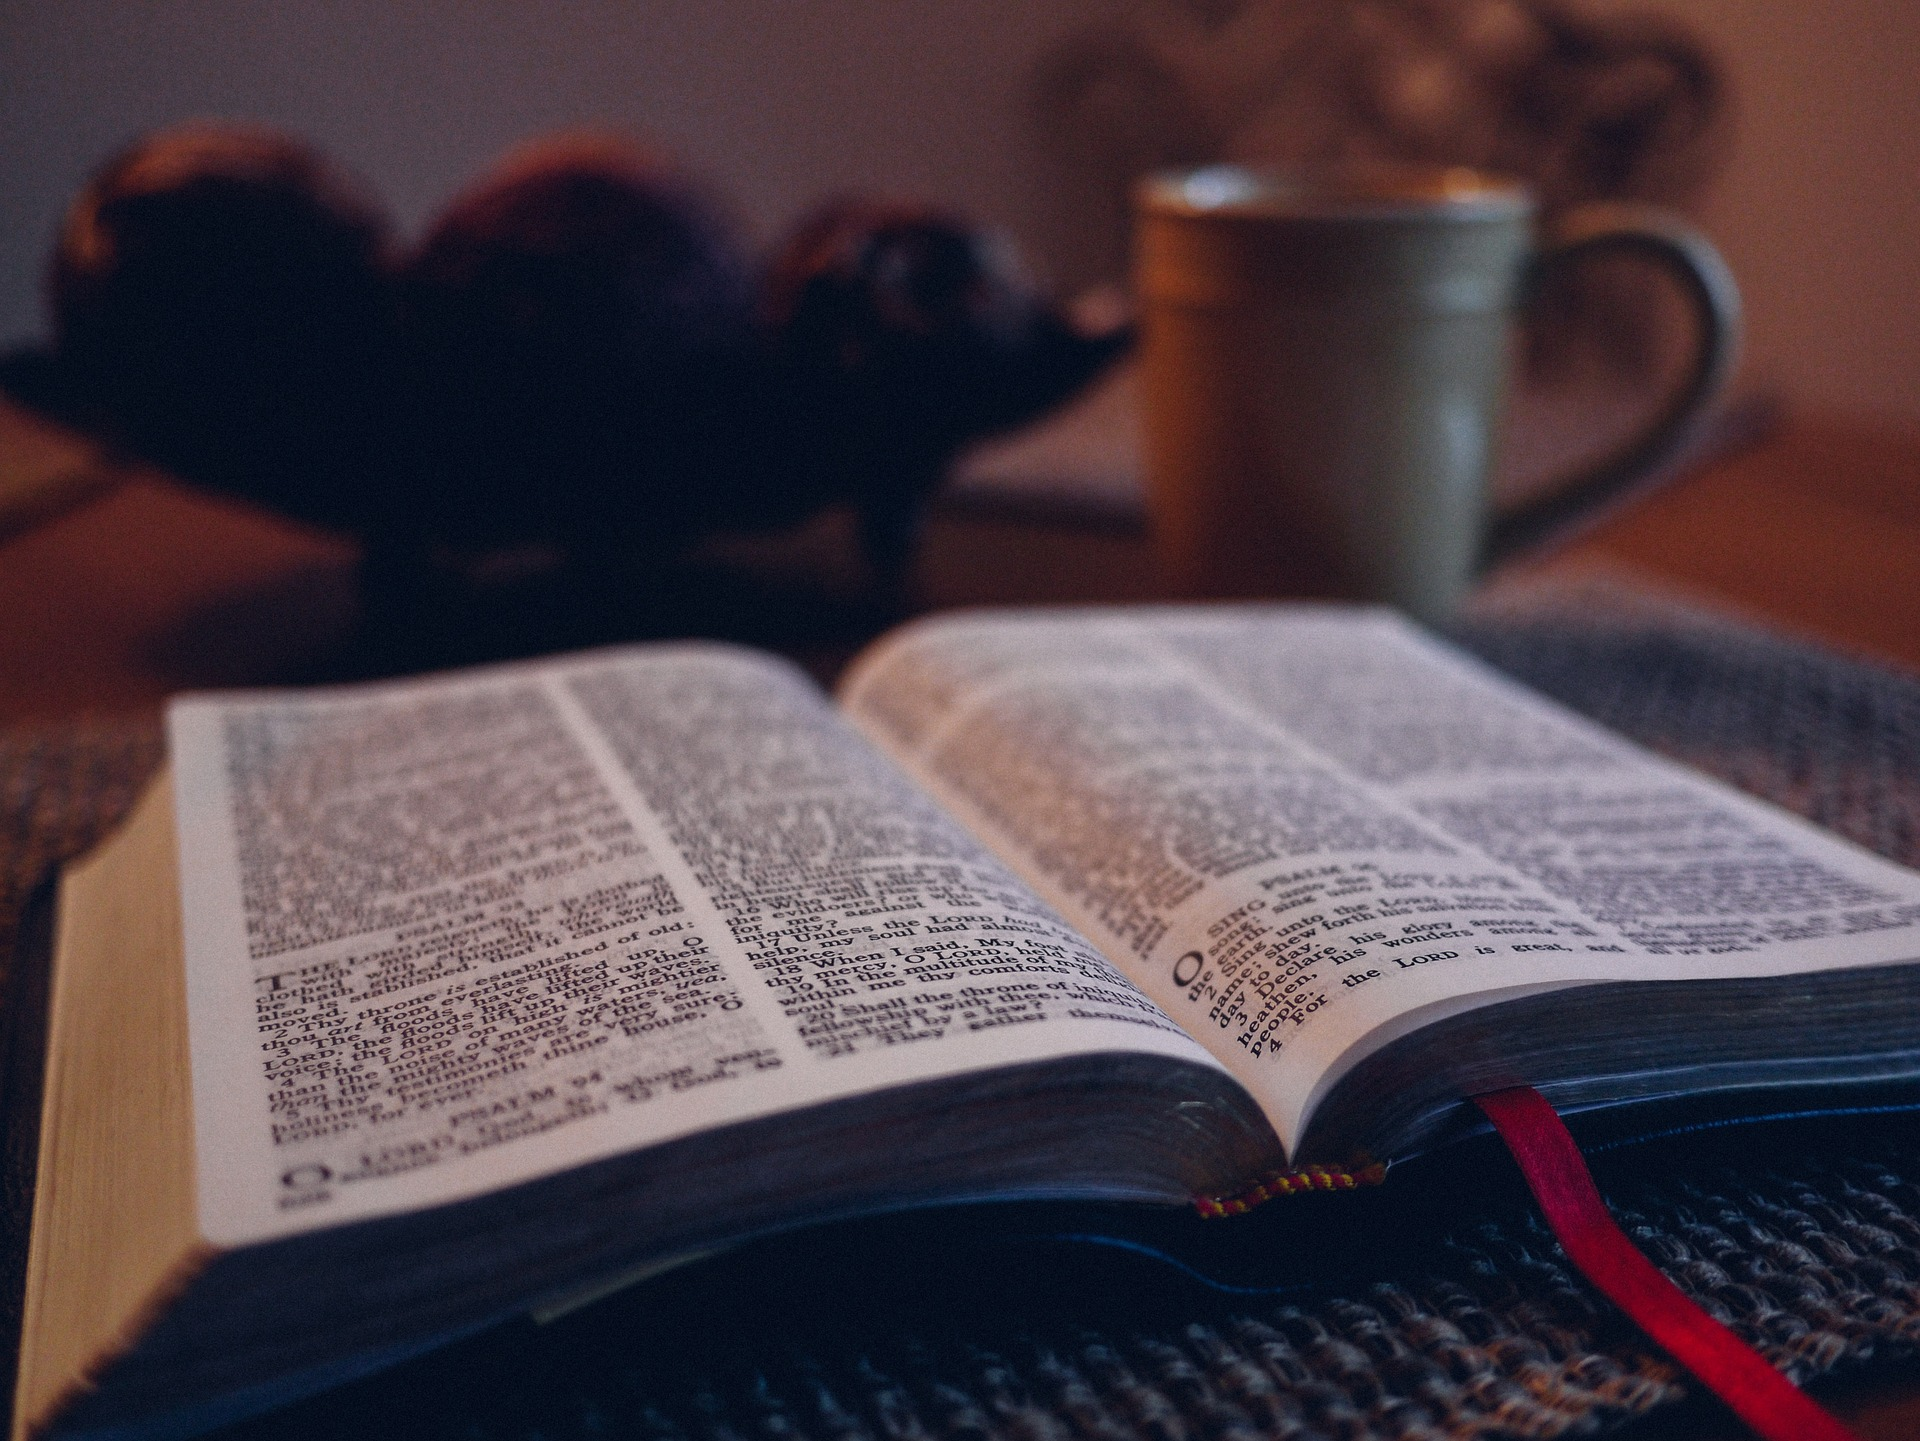 Idźmy do Jezusa a ON da nam Swoje odpocznienie. To ON, jedynie Jezus Chrystus, jest w stanie przemienić nas z realizatorów projektów w dzieci Boga Żywego!